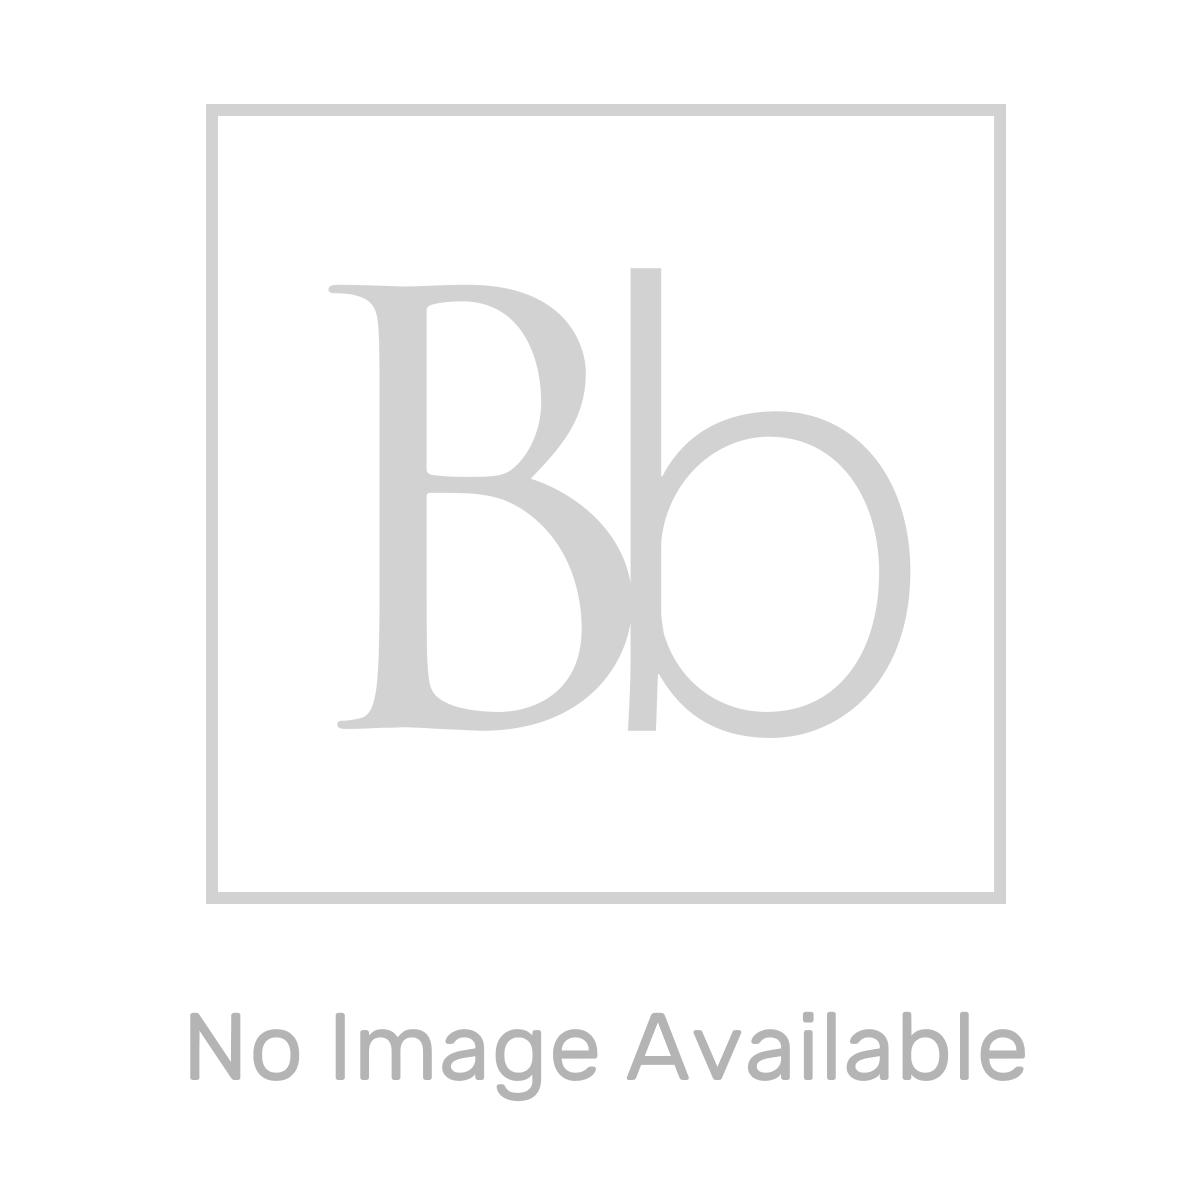 Aquadart Aqualavo Black Slate Shower Tray 1700 x 760